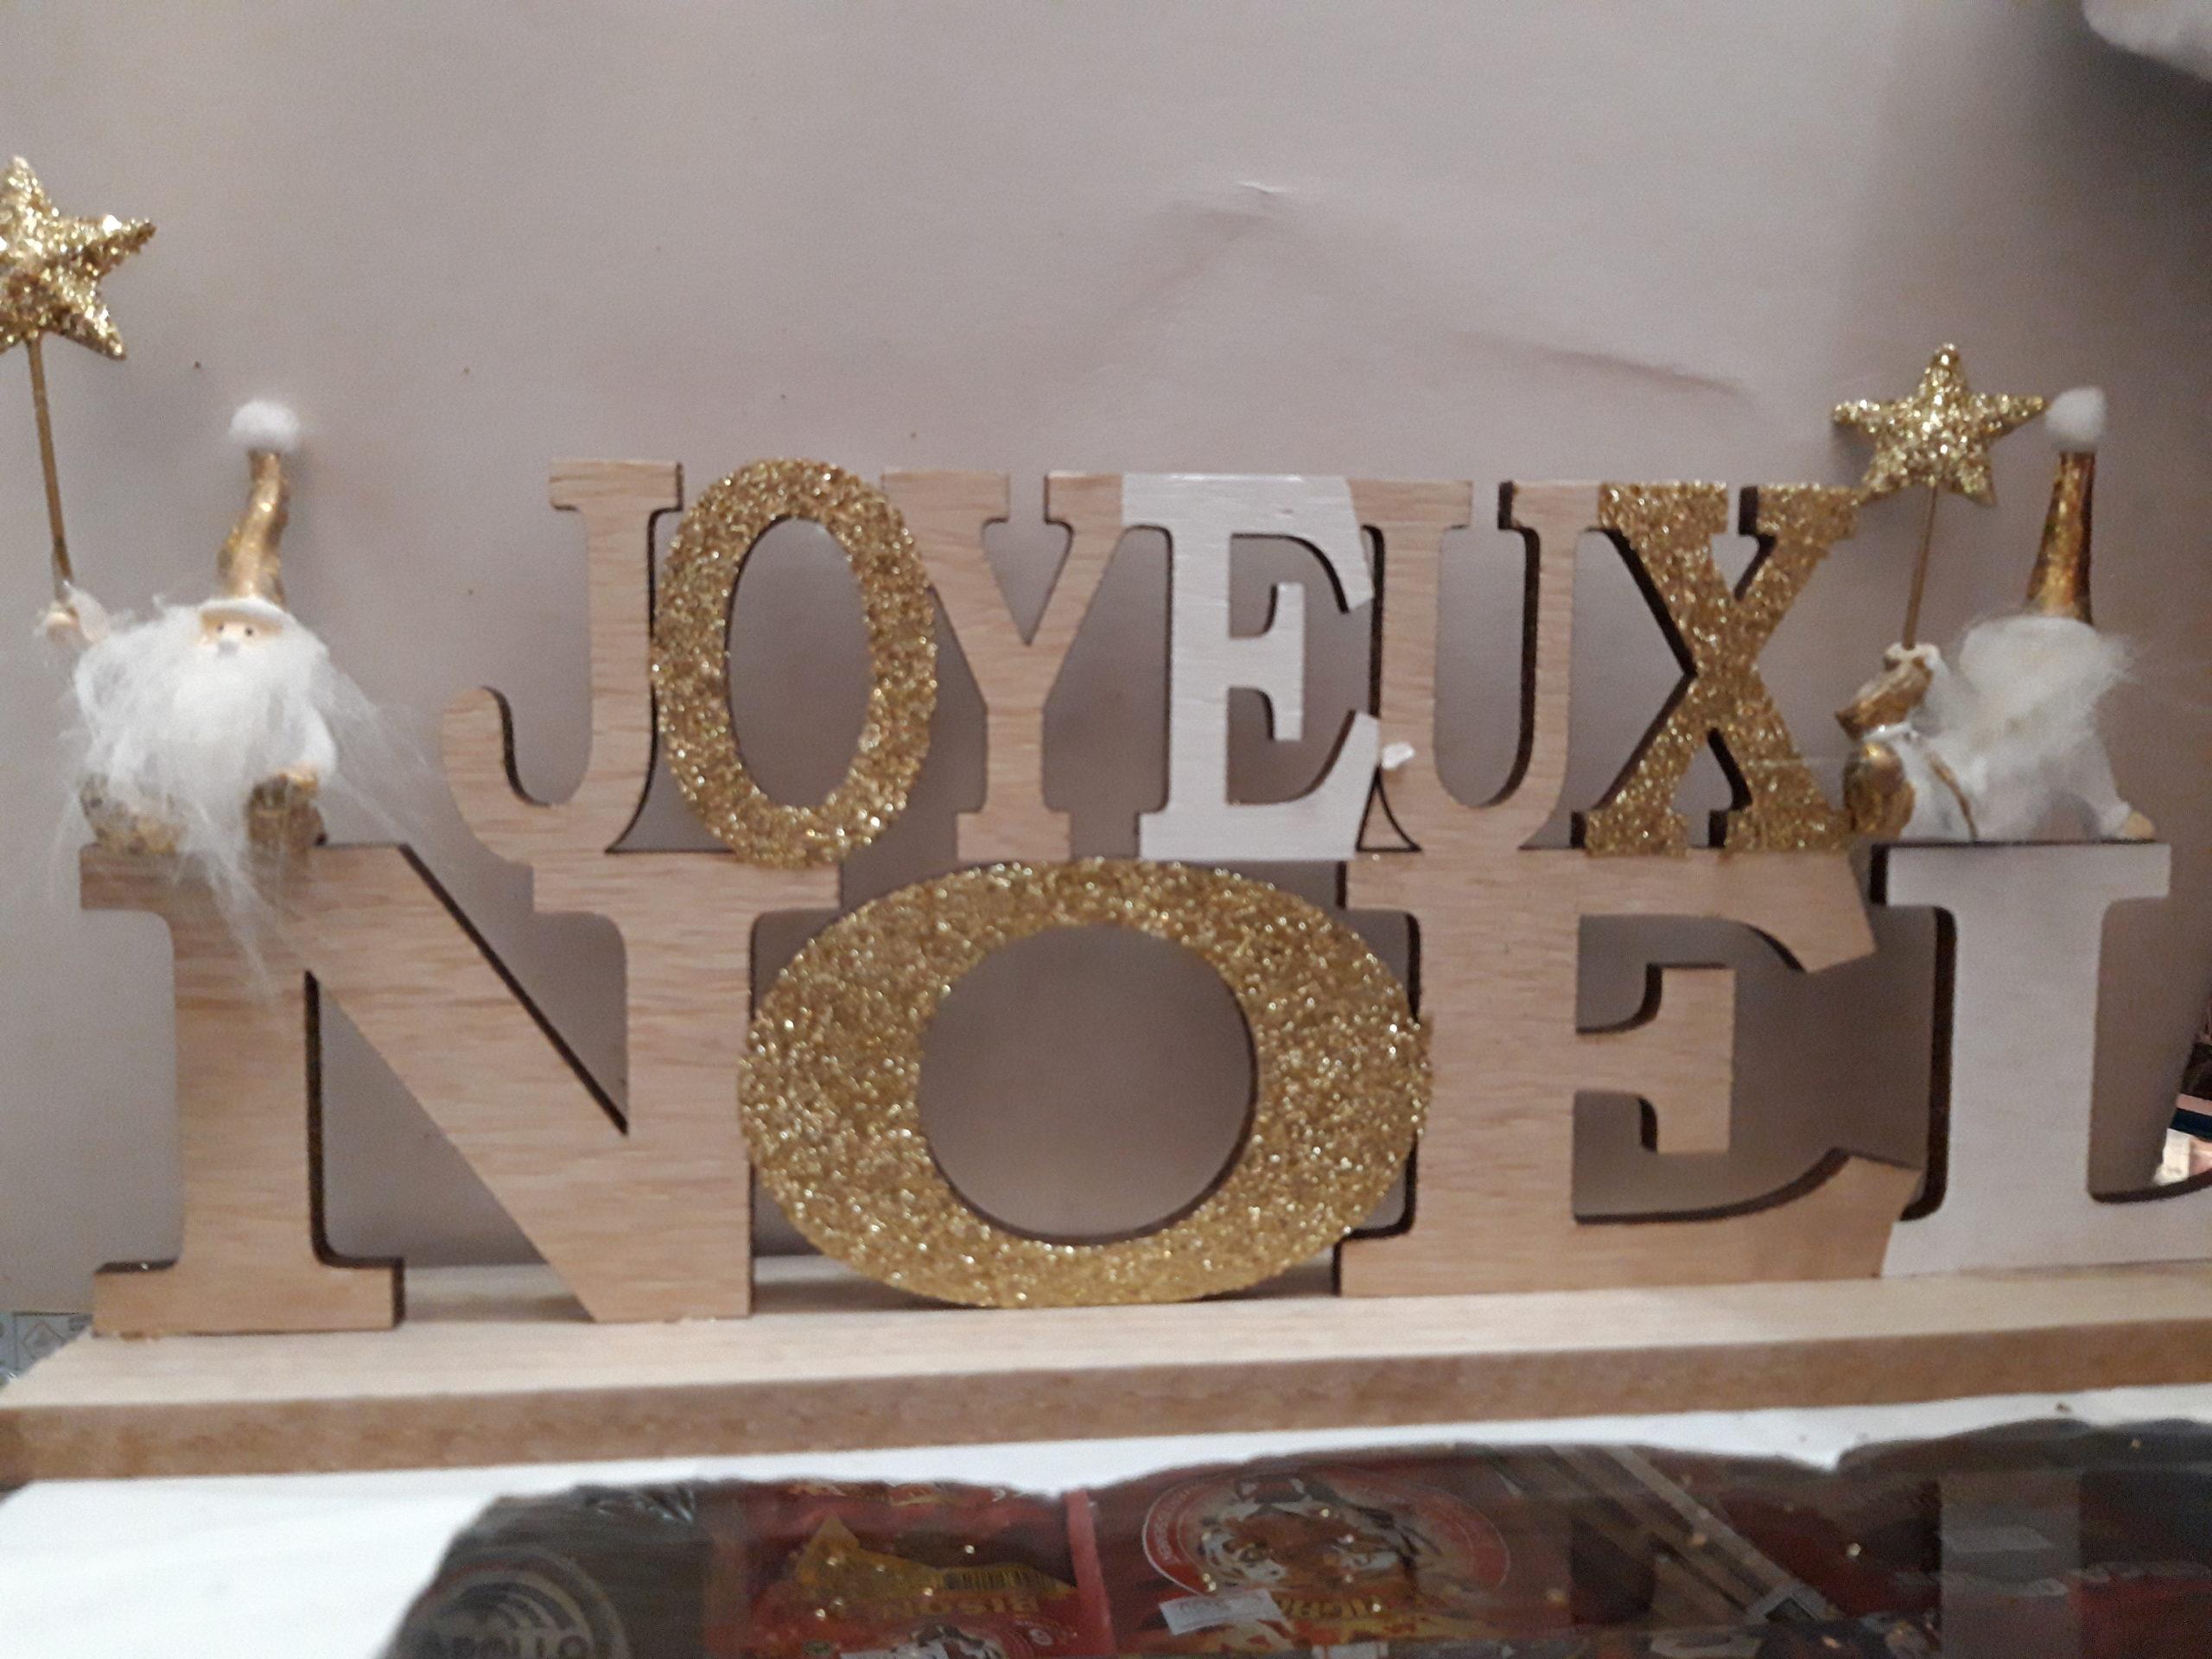 centre de table joyeux noel